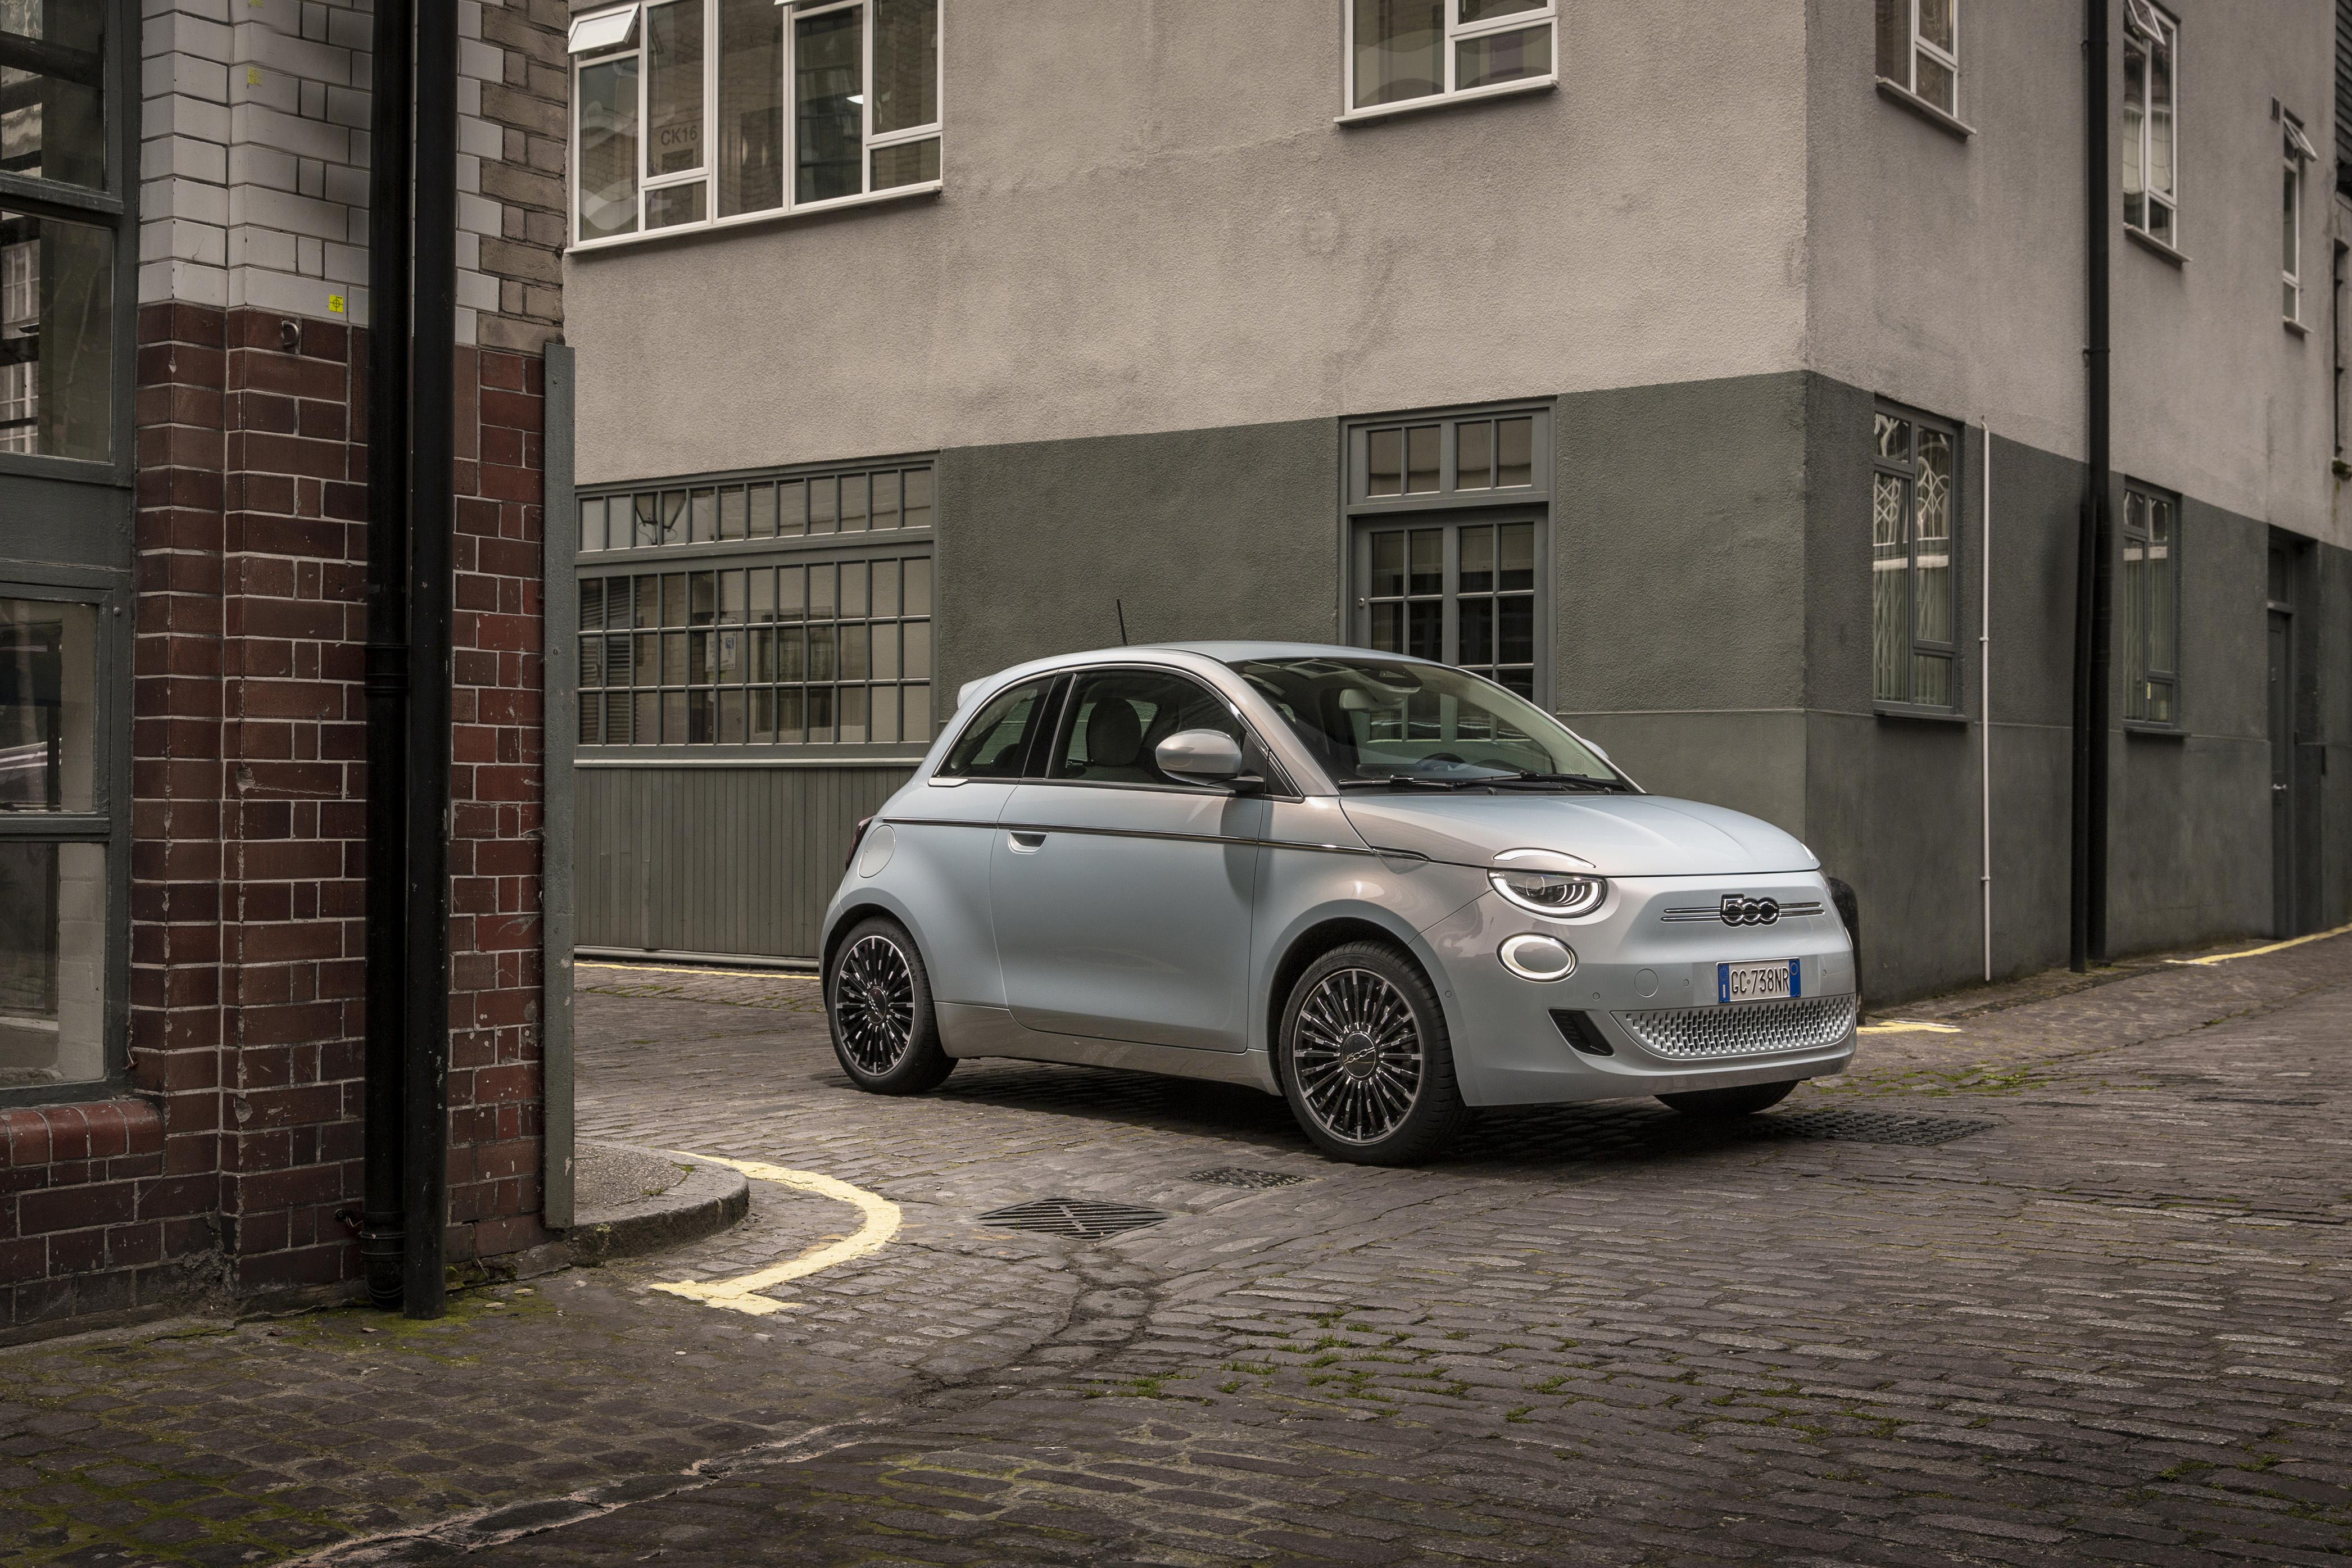 fiat 500 4k 1608918463 - Fiat 500 4k - Fiat 500 4k wallpapers